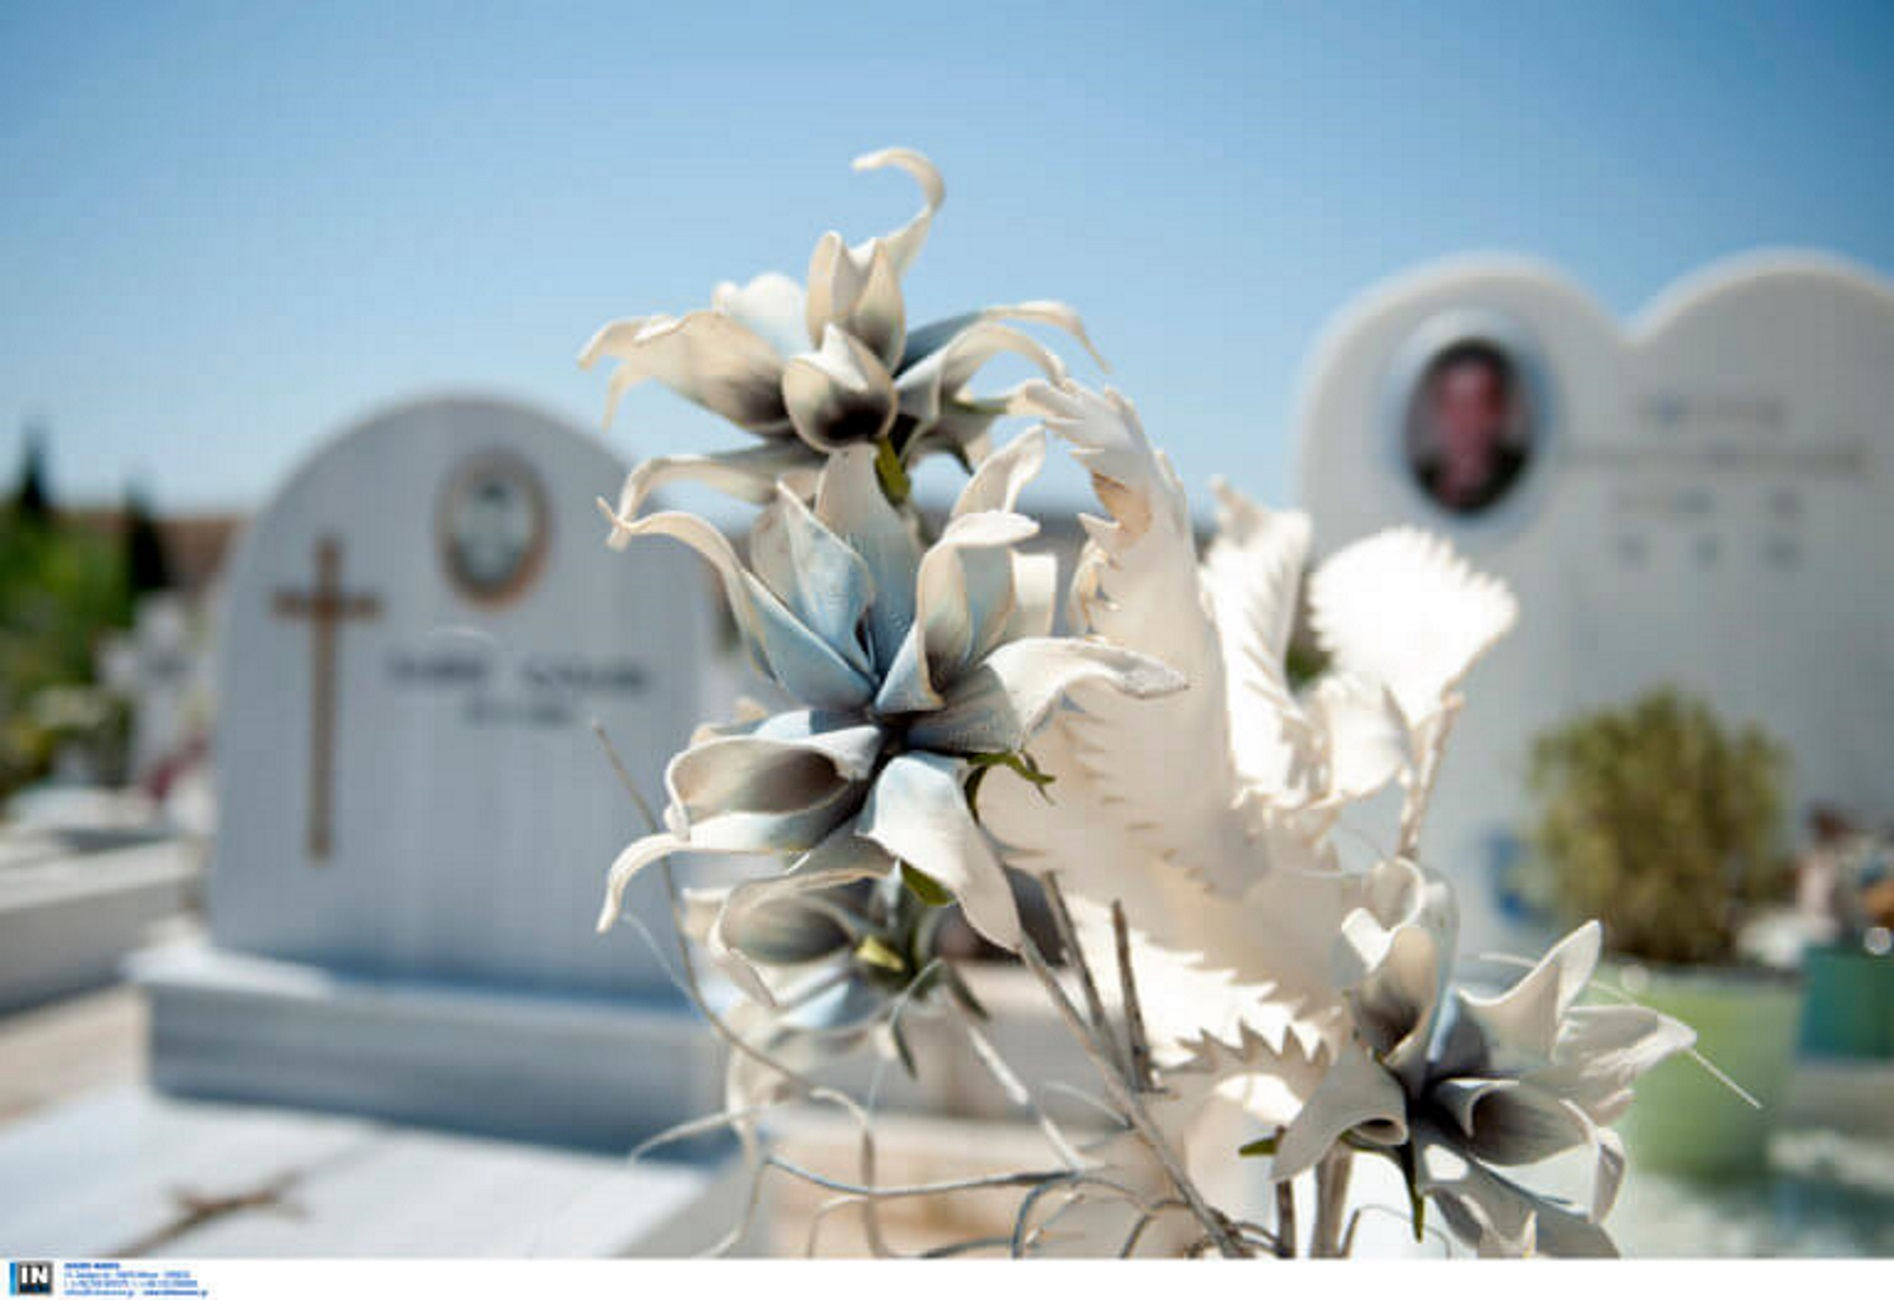 Καβάλα: Δεύτερη ταφή της σορού που έκλεψαν από το νεκροταφείο – Ξεσπάει η χήρα του 76χρονου (video)